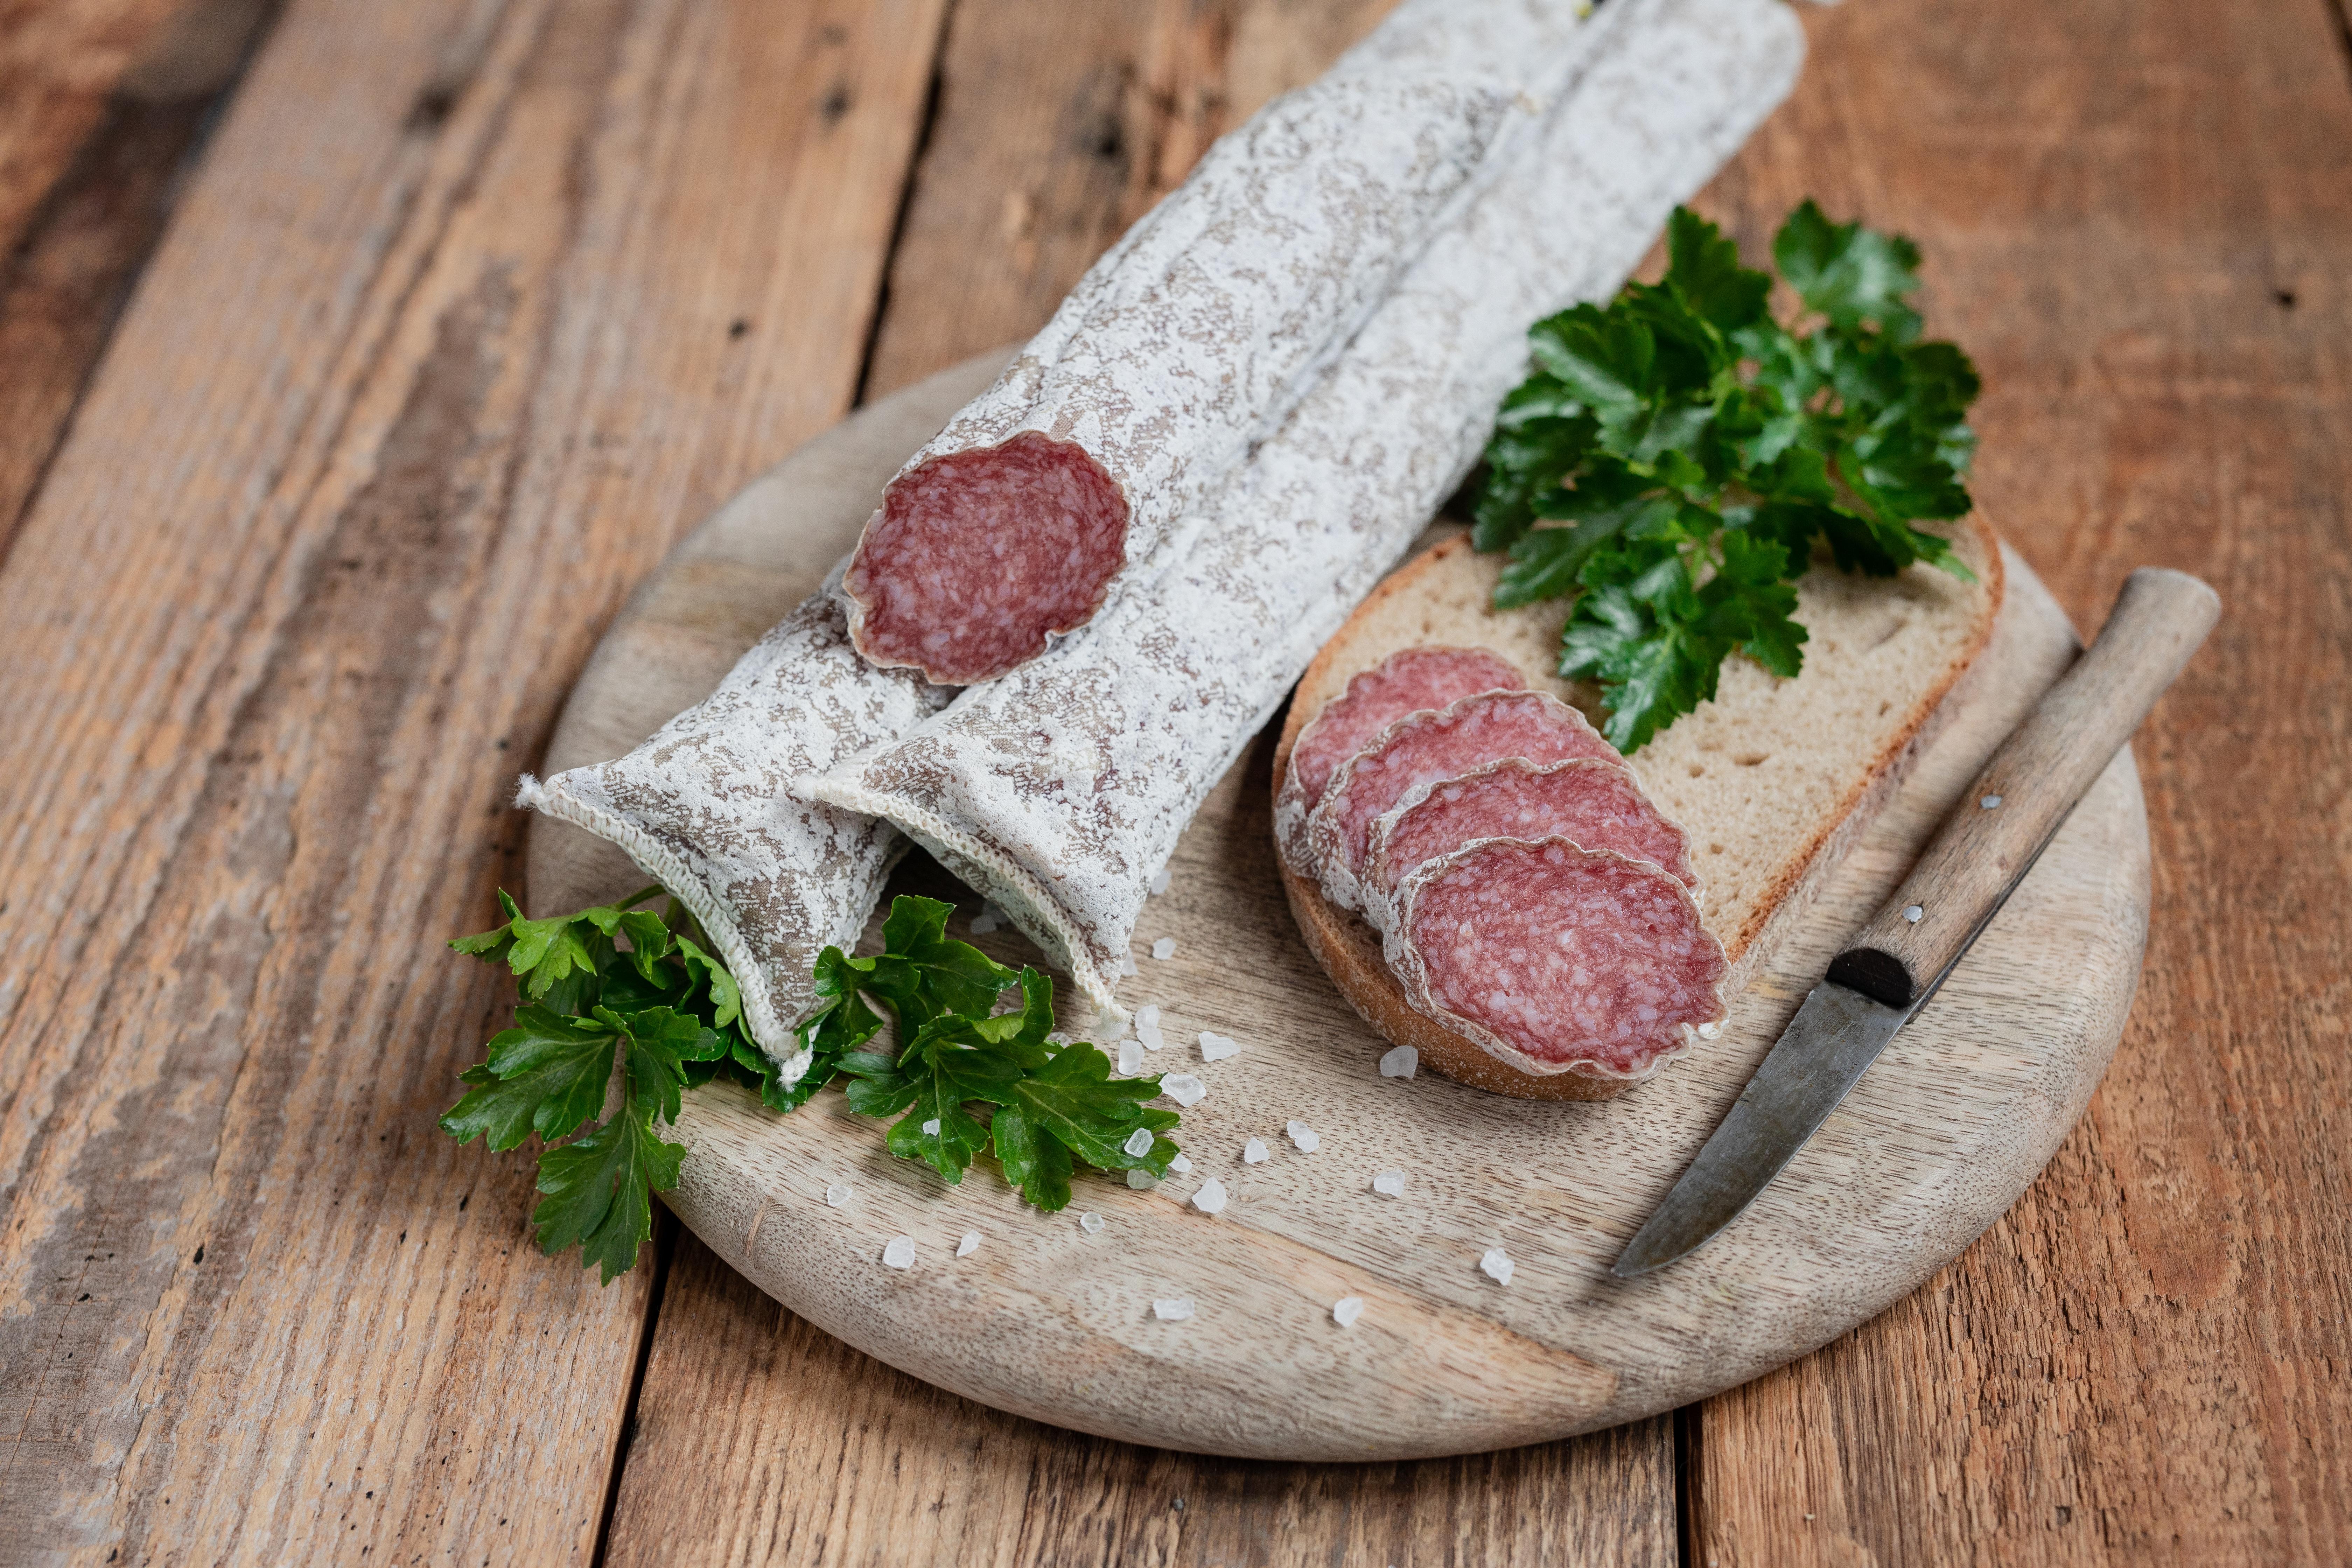 Auf einem Brett zwei mediterrane Salami. Daneben drei Scheiben der Salami, Kräuter und ein Messer.